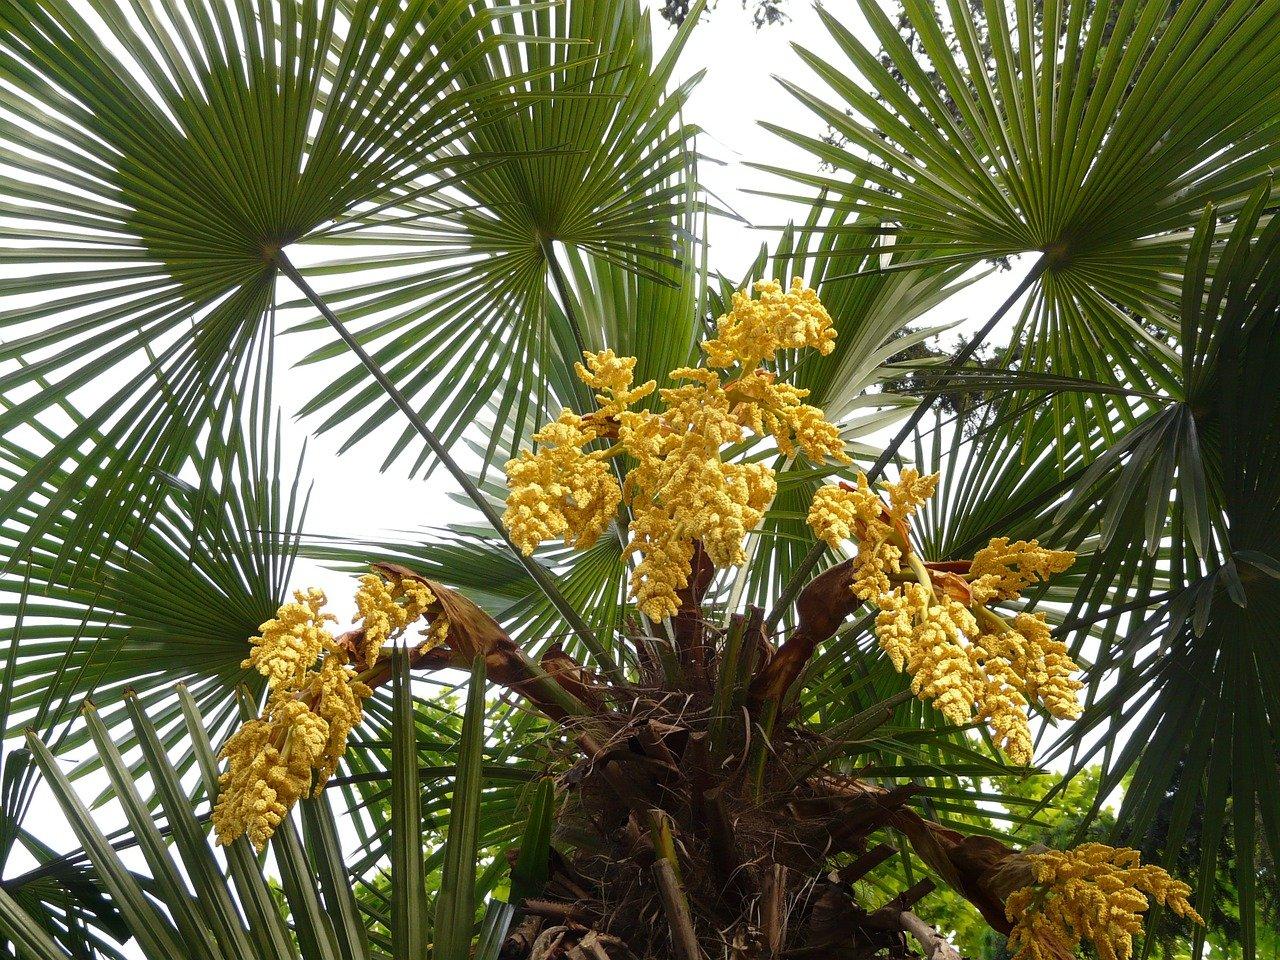 Le palmier chanvre